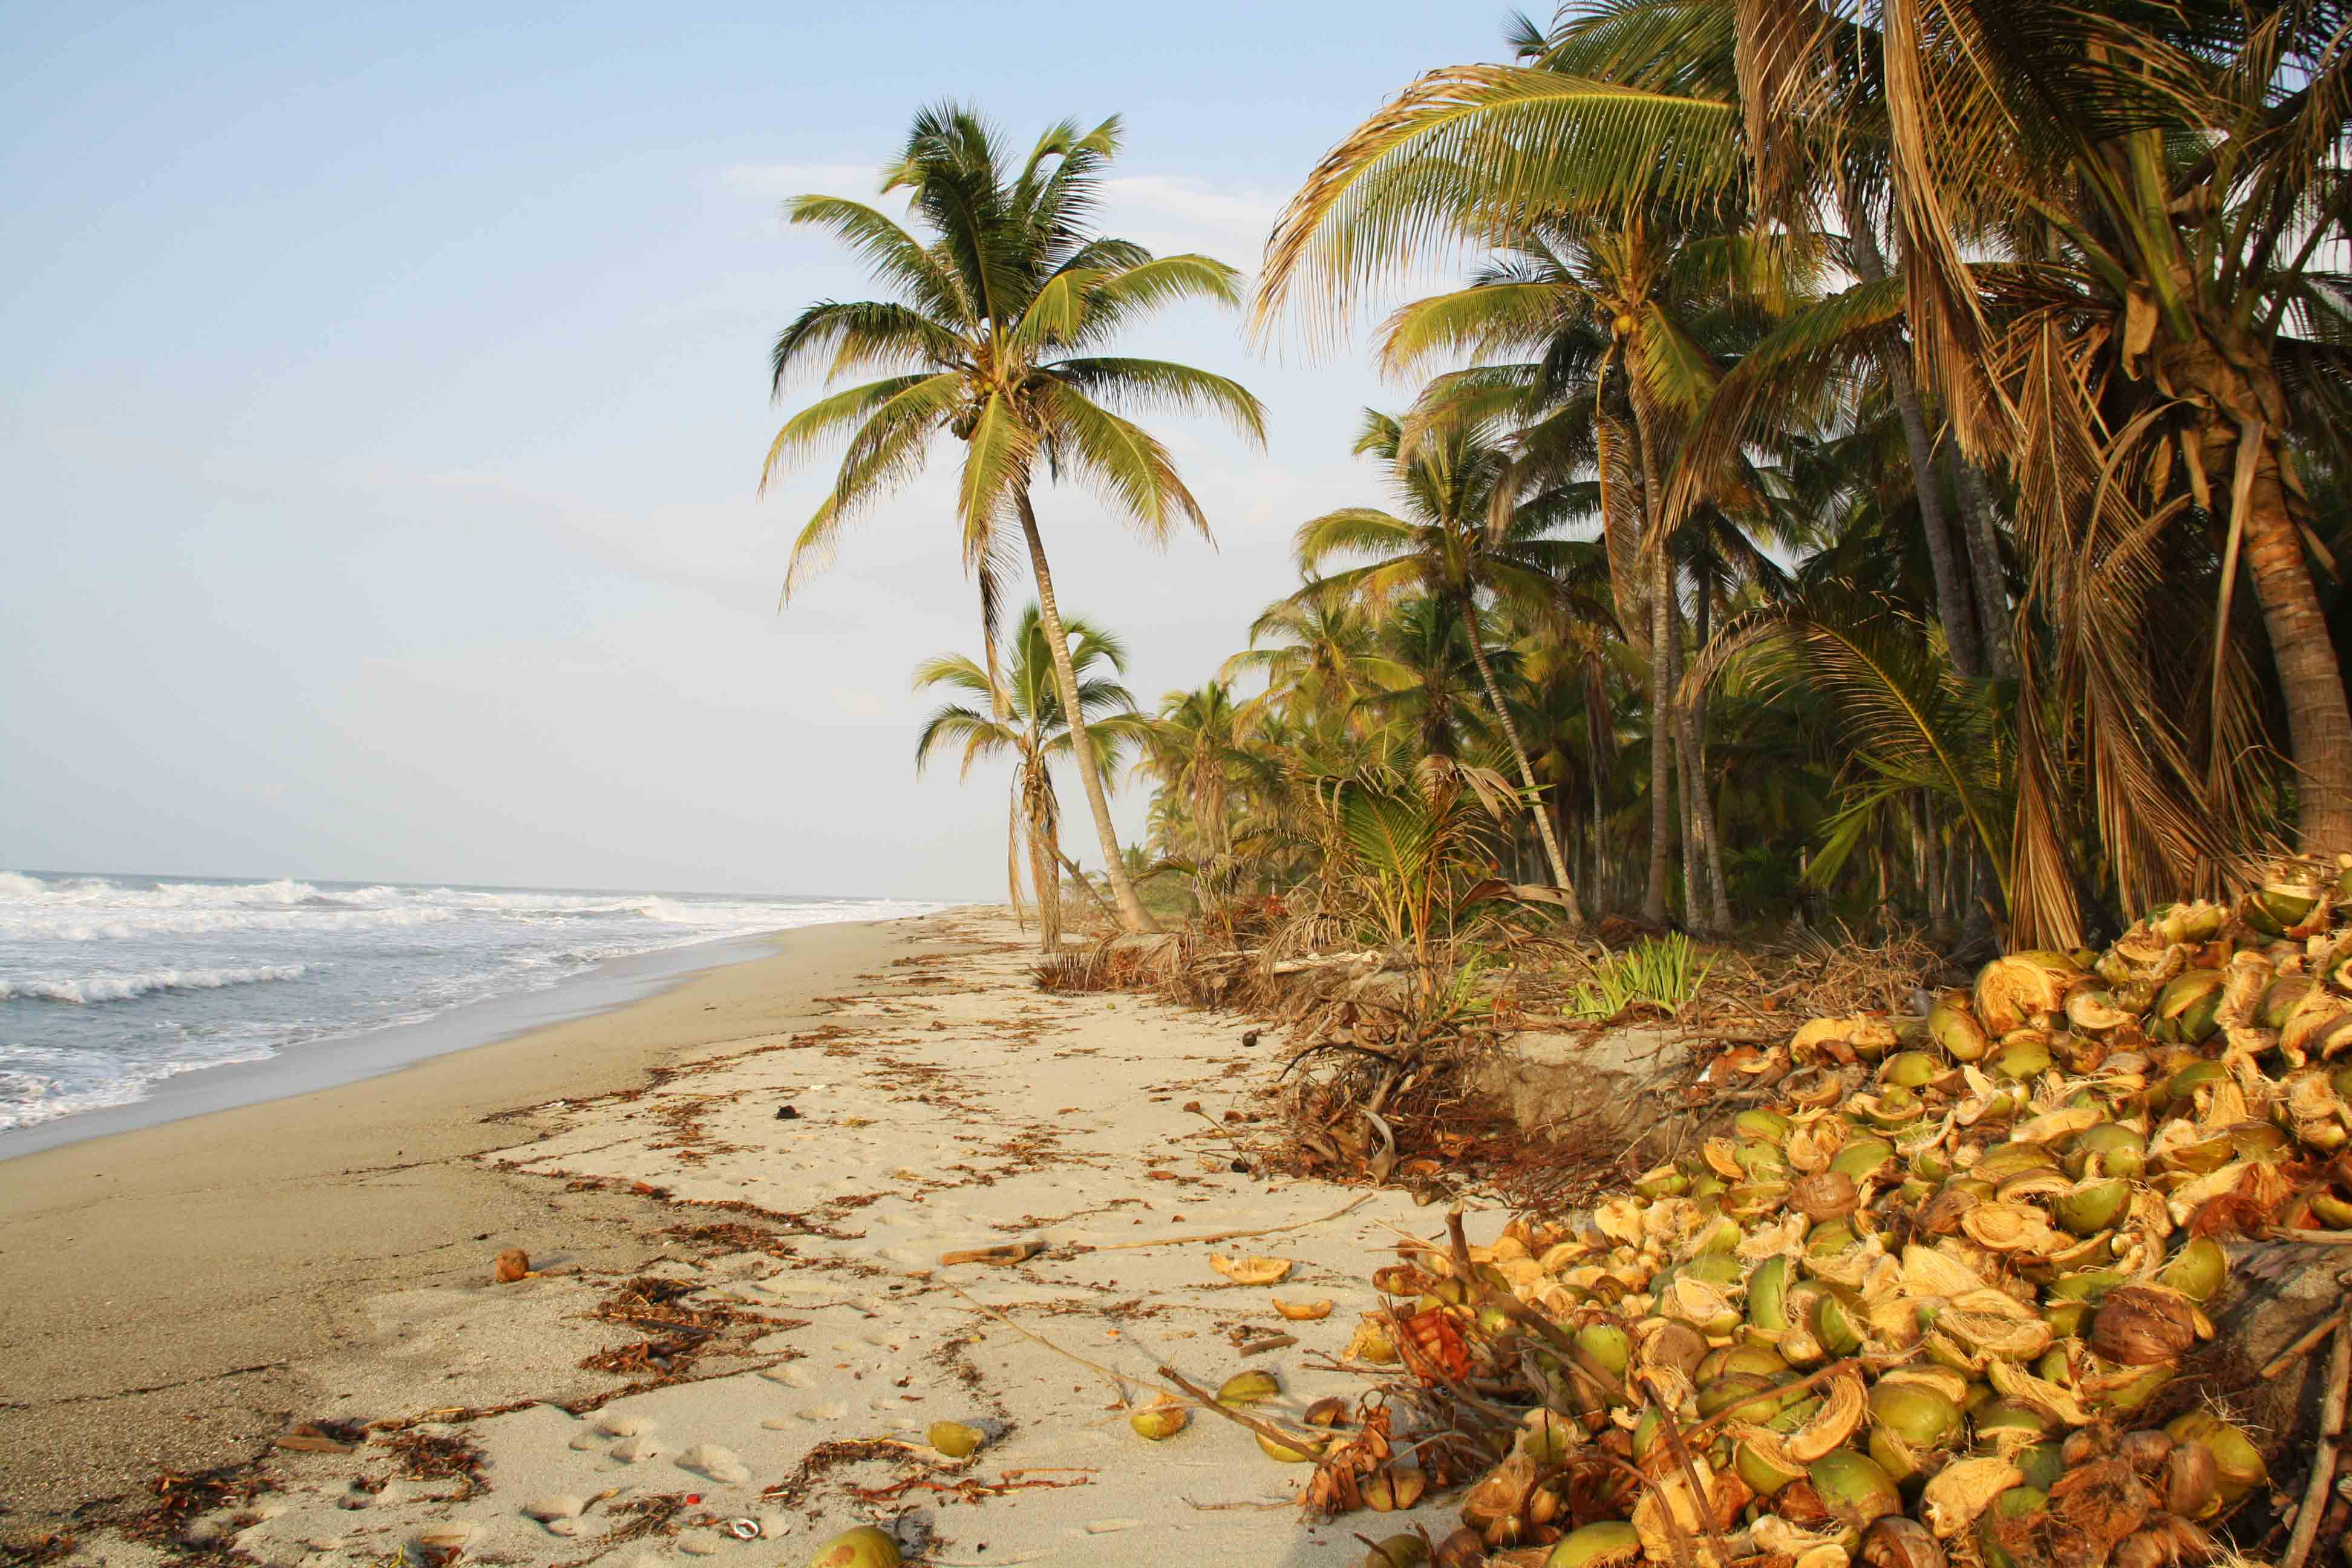 coconut farm costeno beach